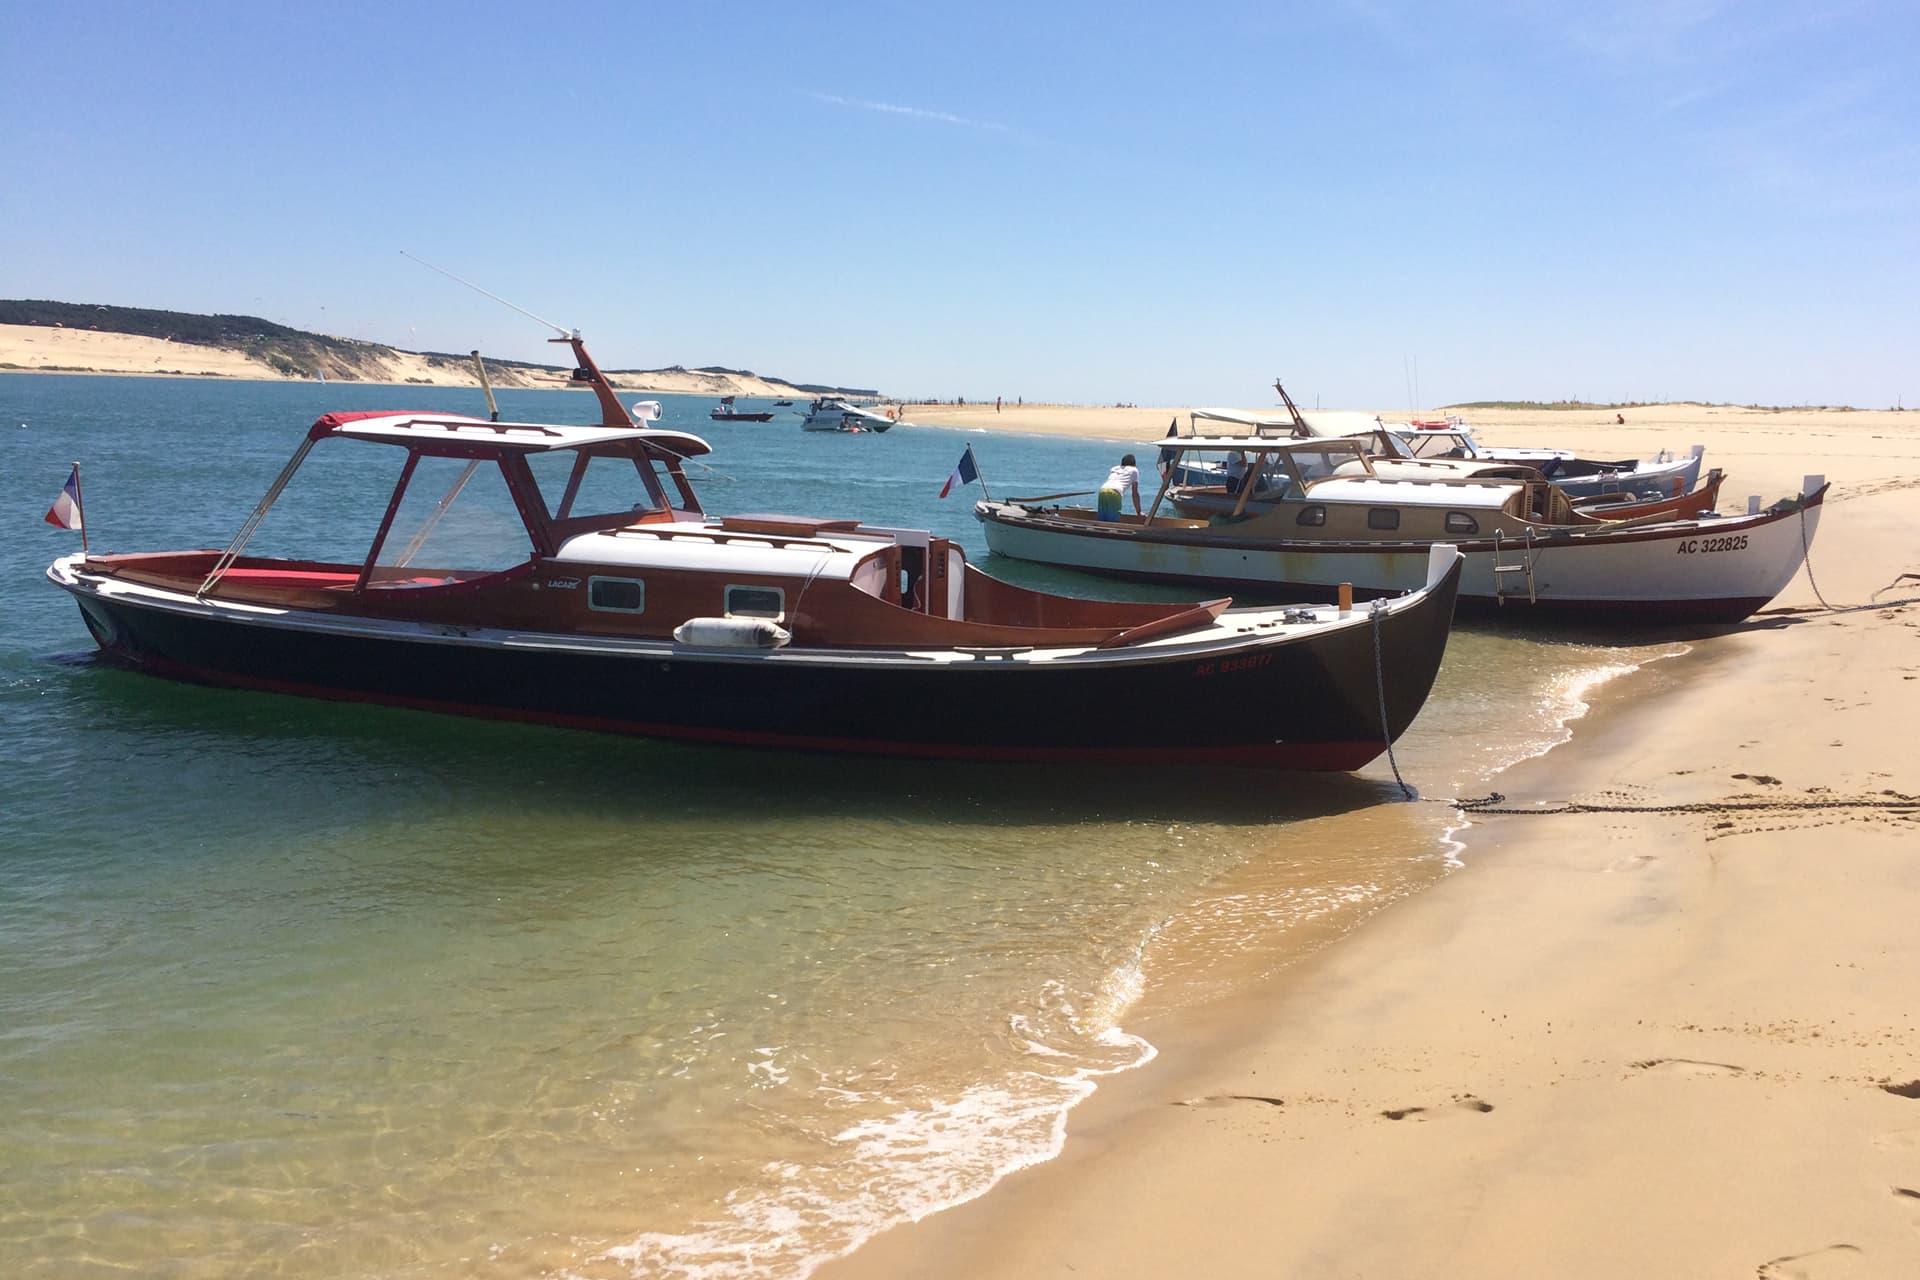 Balade en bateau lors d'un séminaire professionnel sur le bassin d'Arcachon